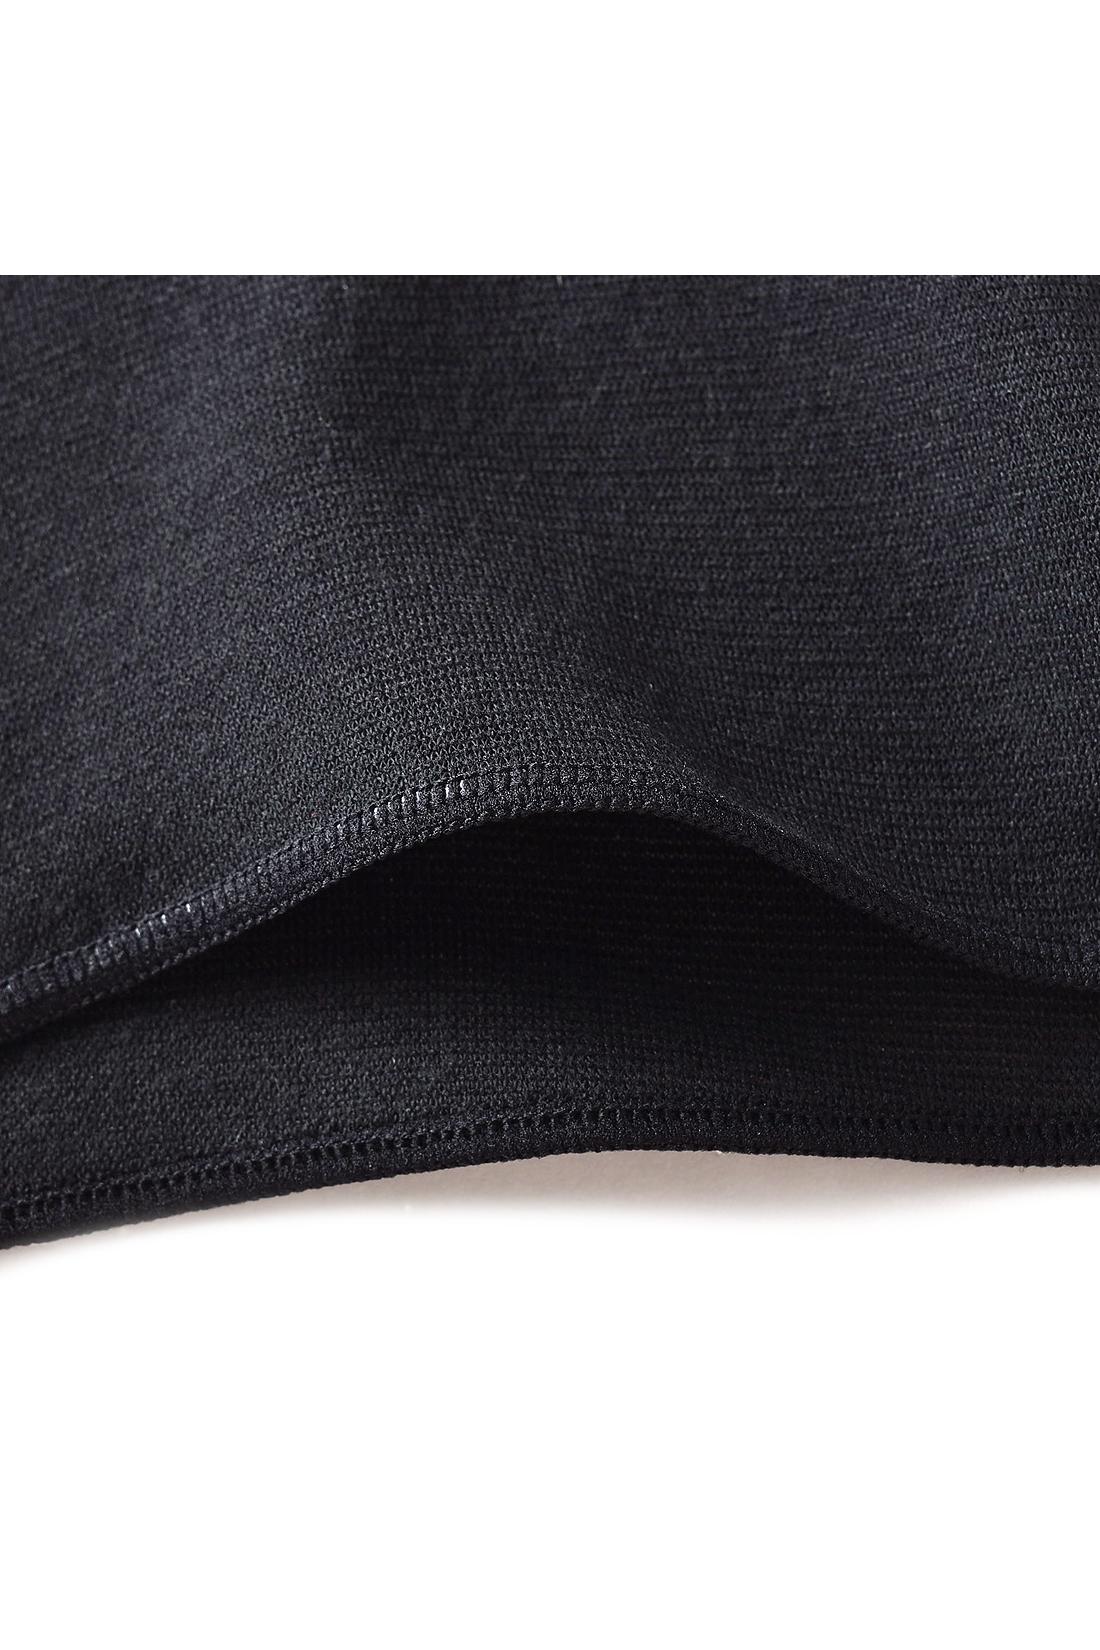 幅広のはらまきタイプで腰まわりからヒップまで暖かな着心地。